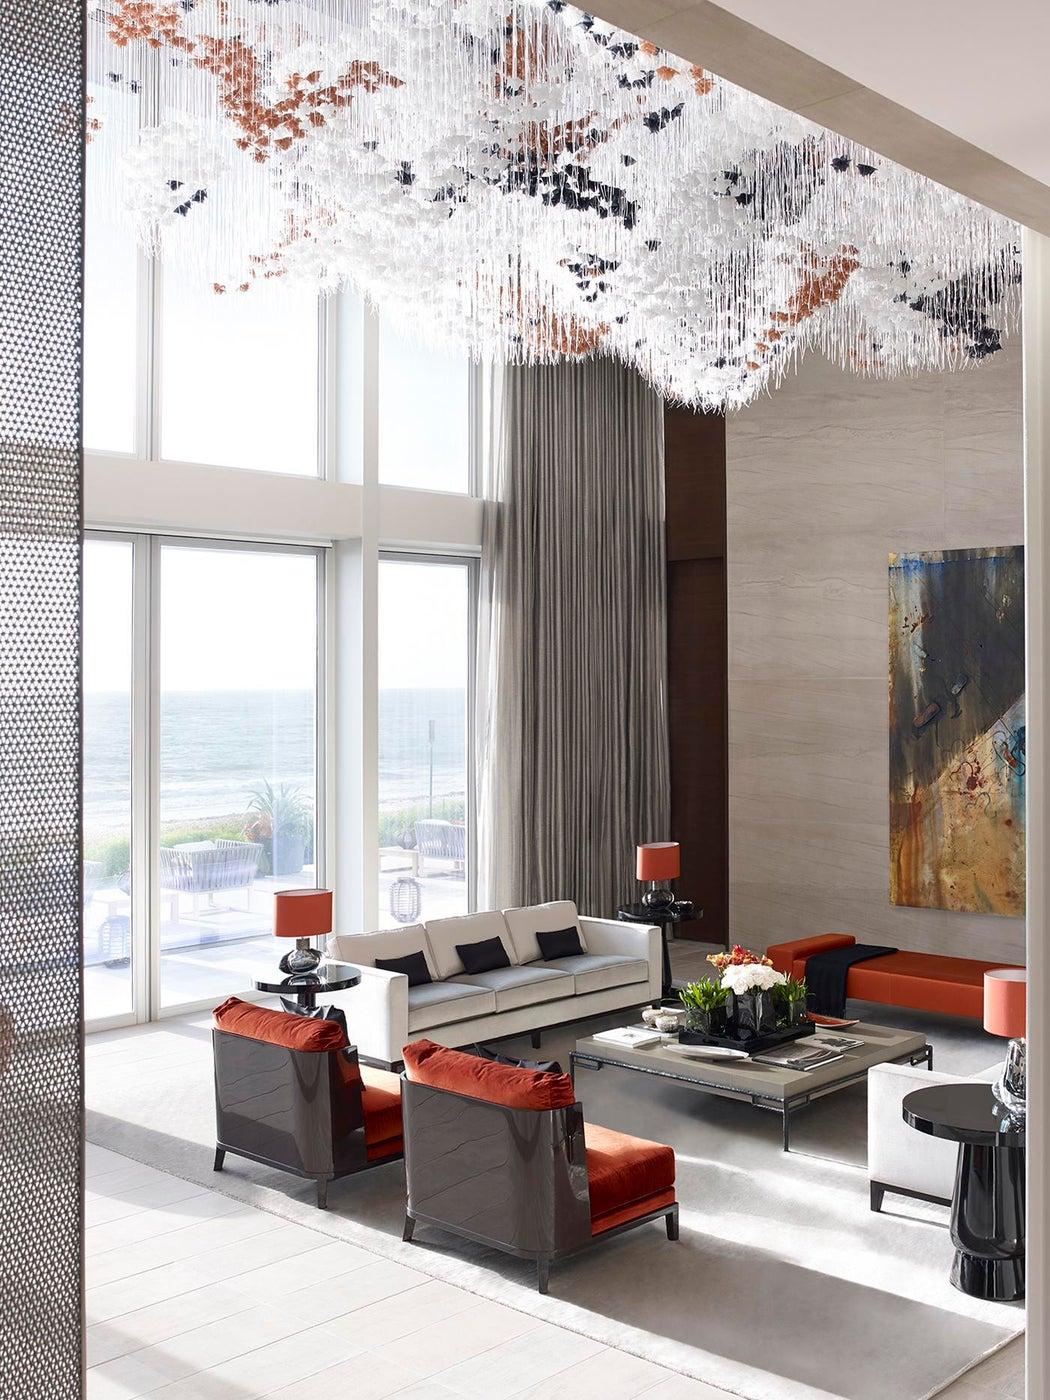 Vero Beach Residence - Formal Living Room